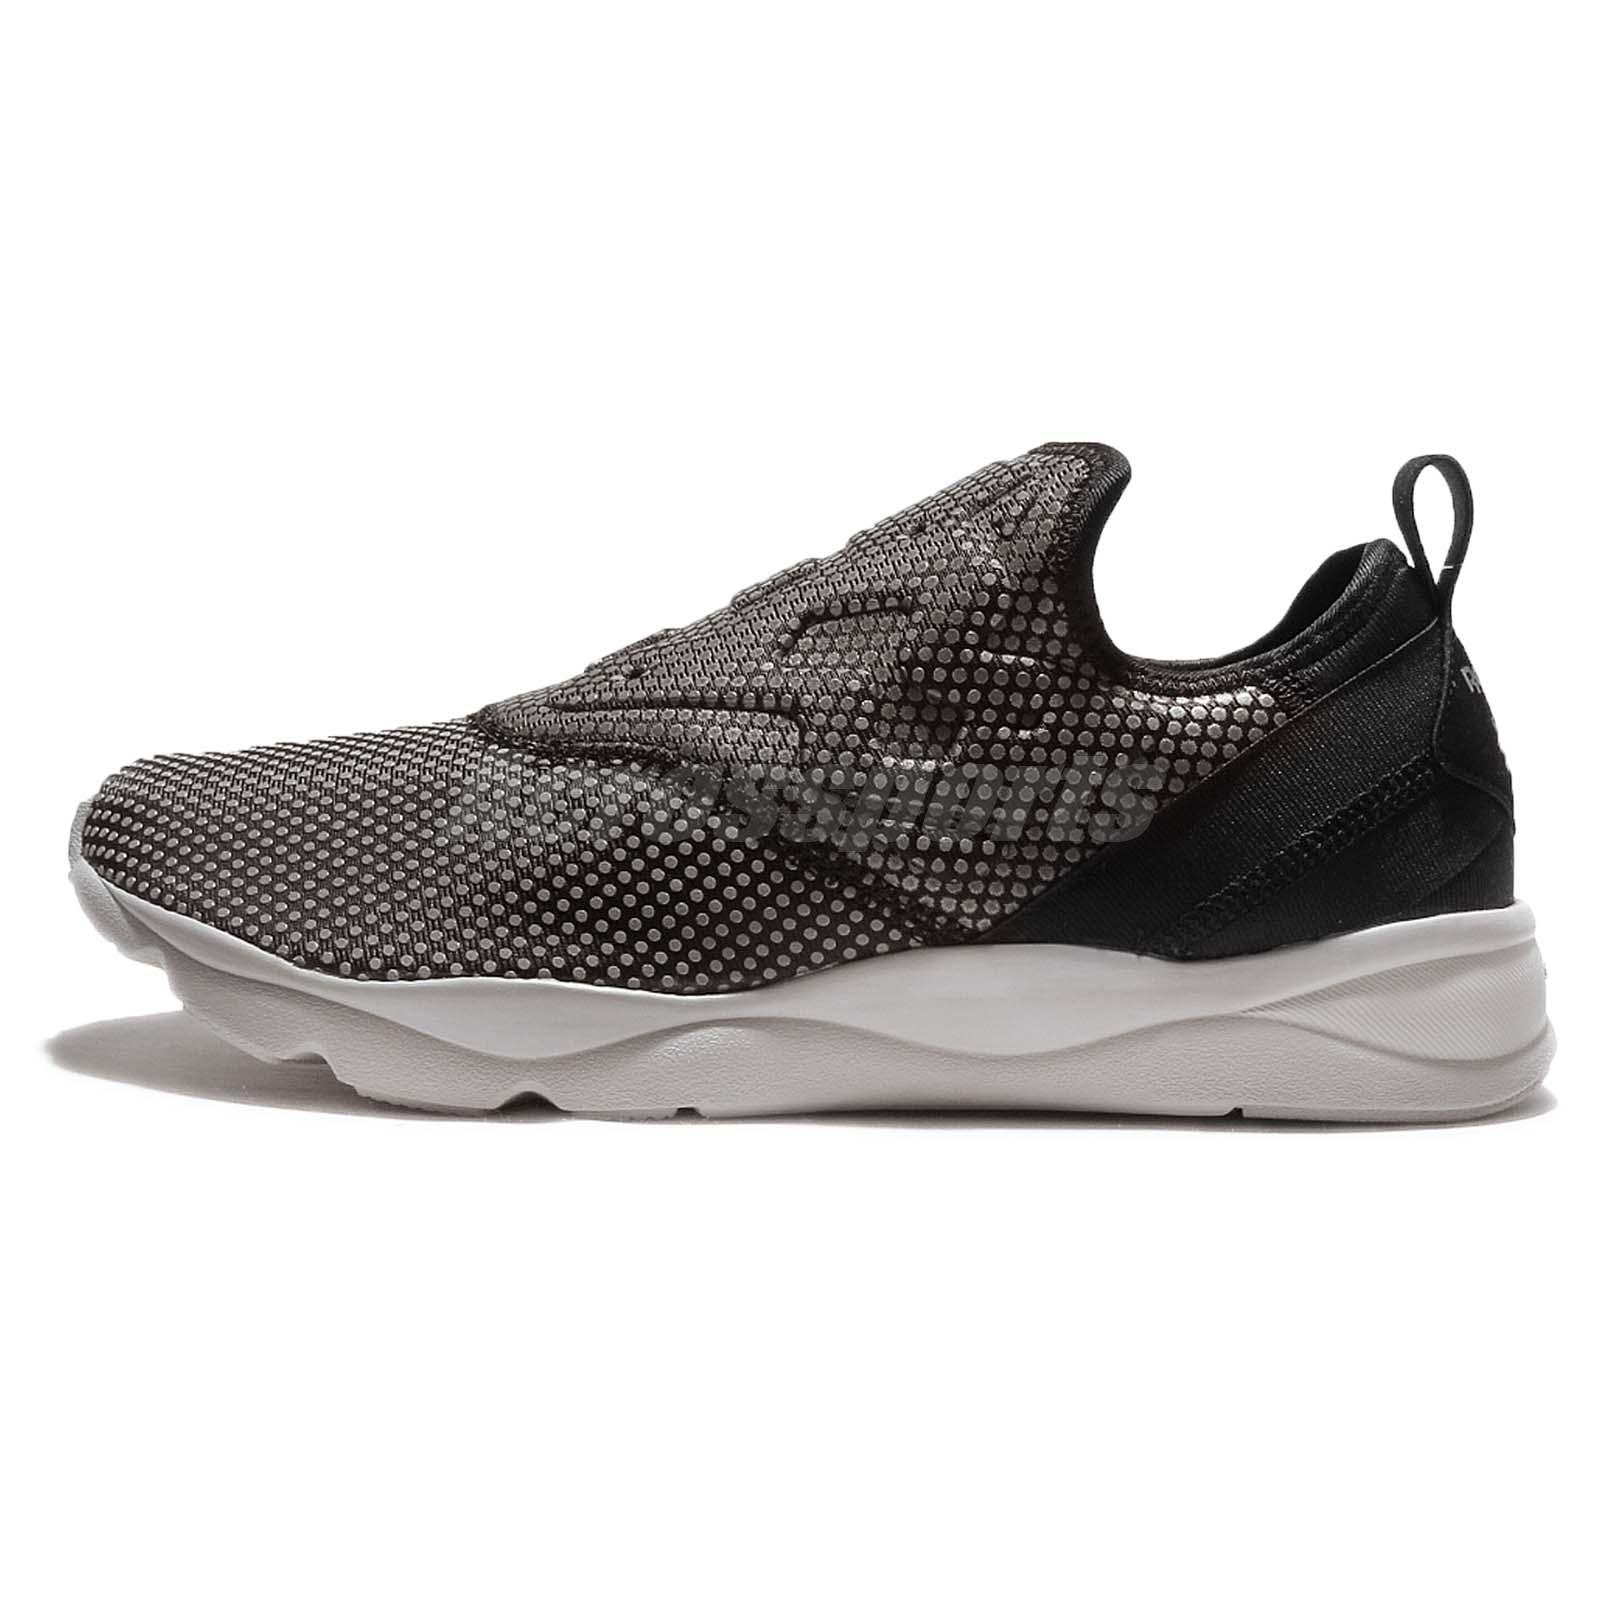 Reebok Furylite Slip-On RD Road Black Steel Mens Running Shoes Sneakers  AR0575